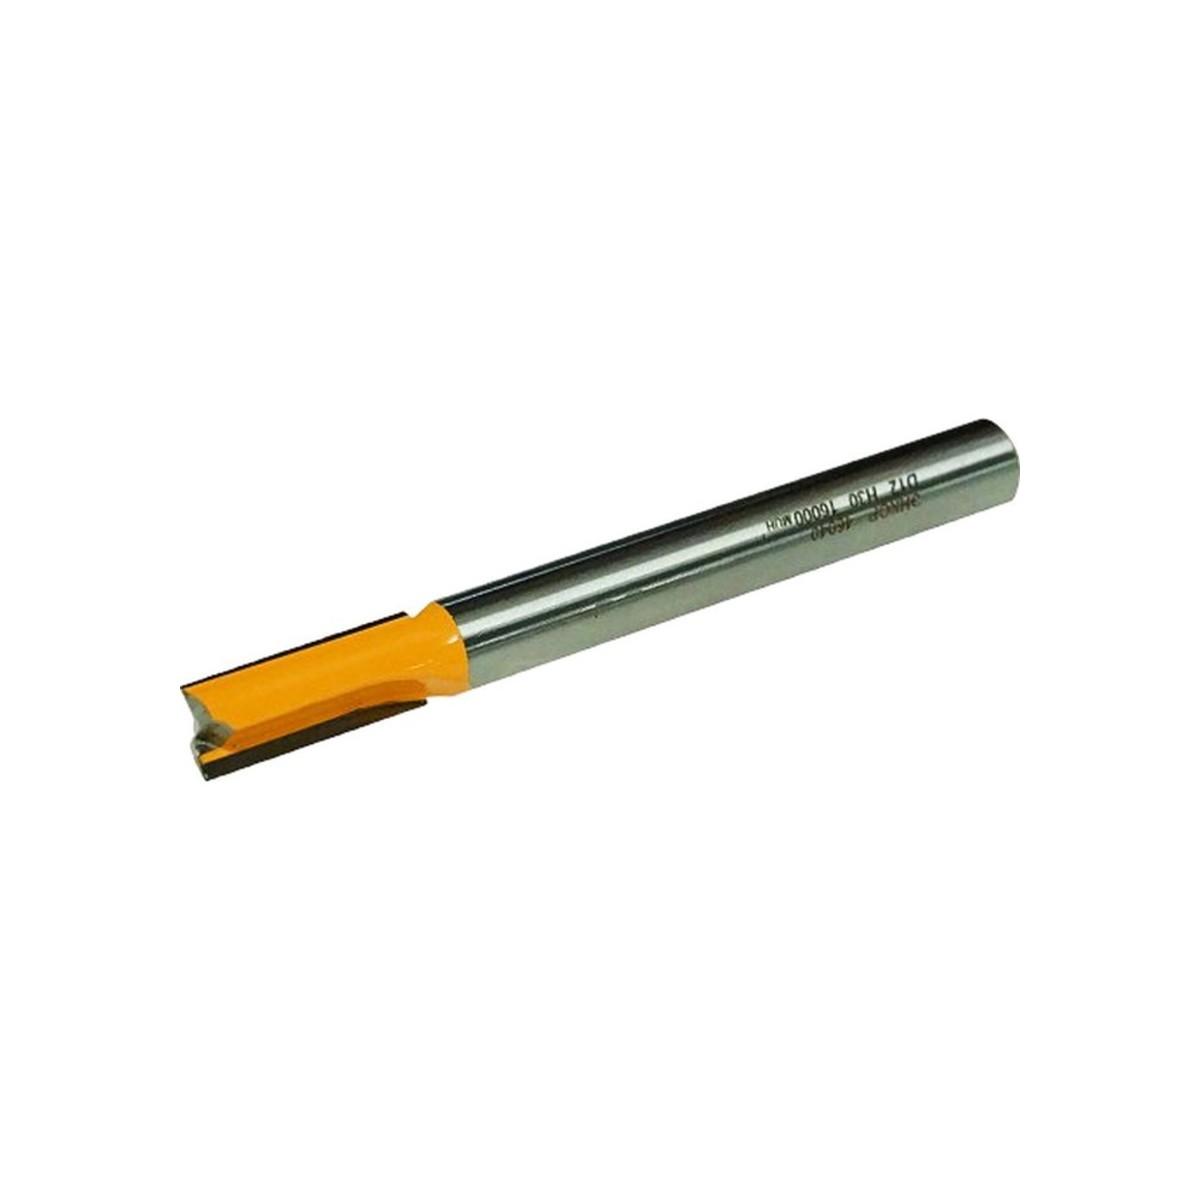 Фреза пазовая прямая ЭНКОР 46041 ф14х30 мм 12 мм